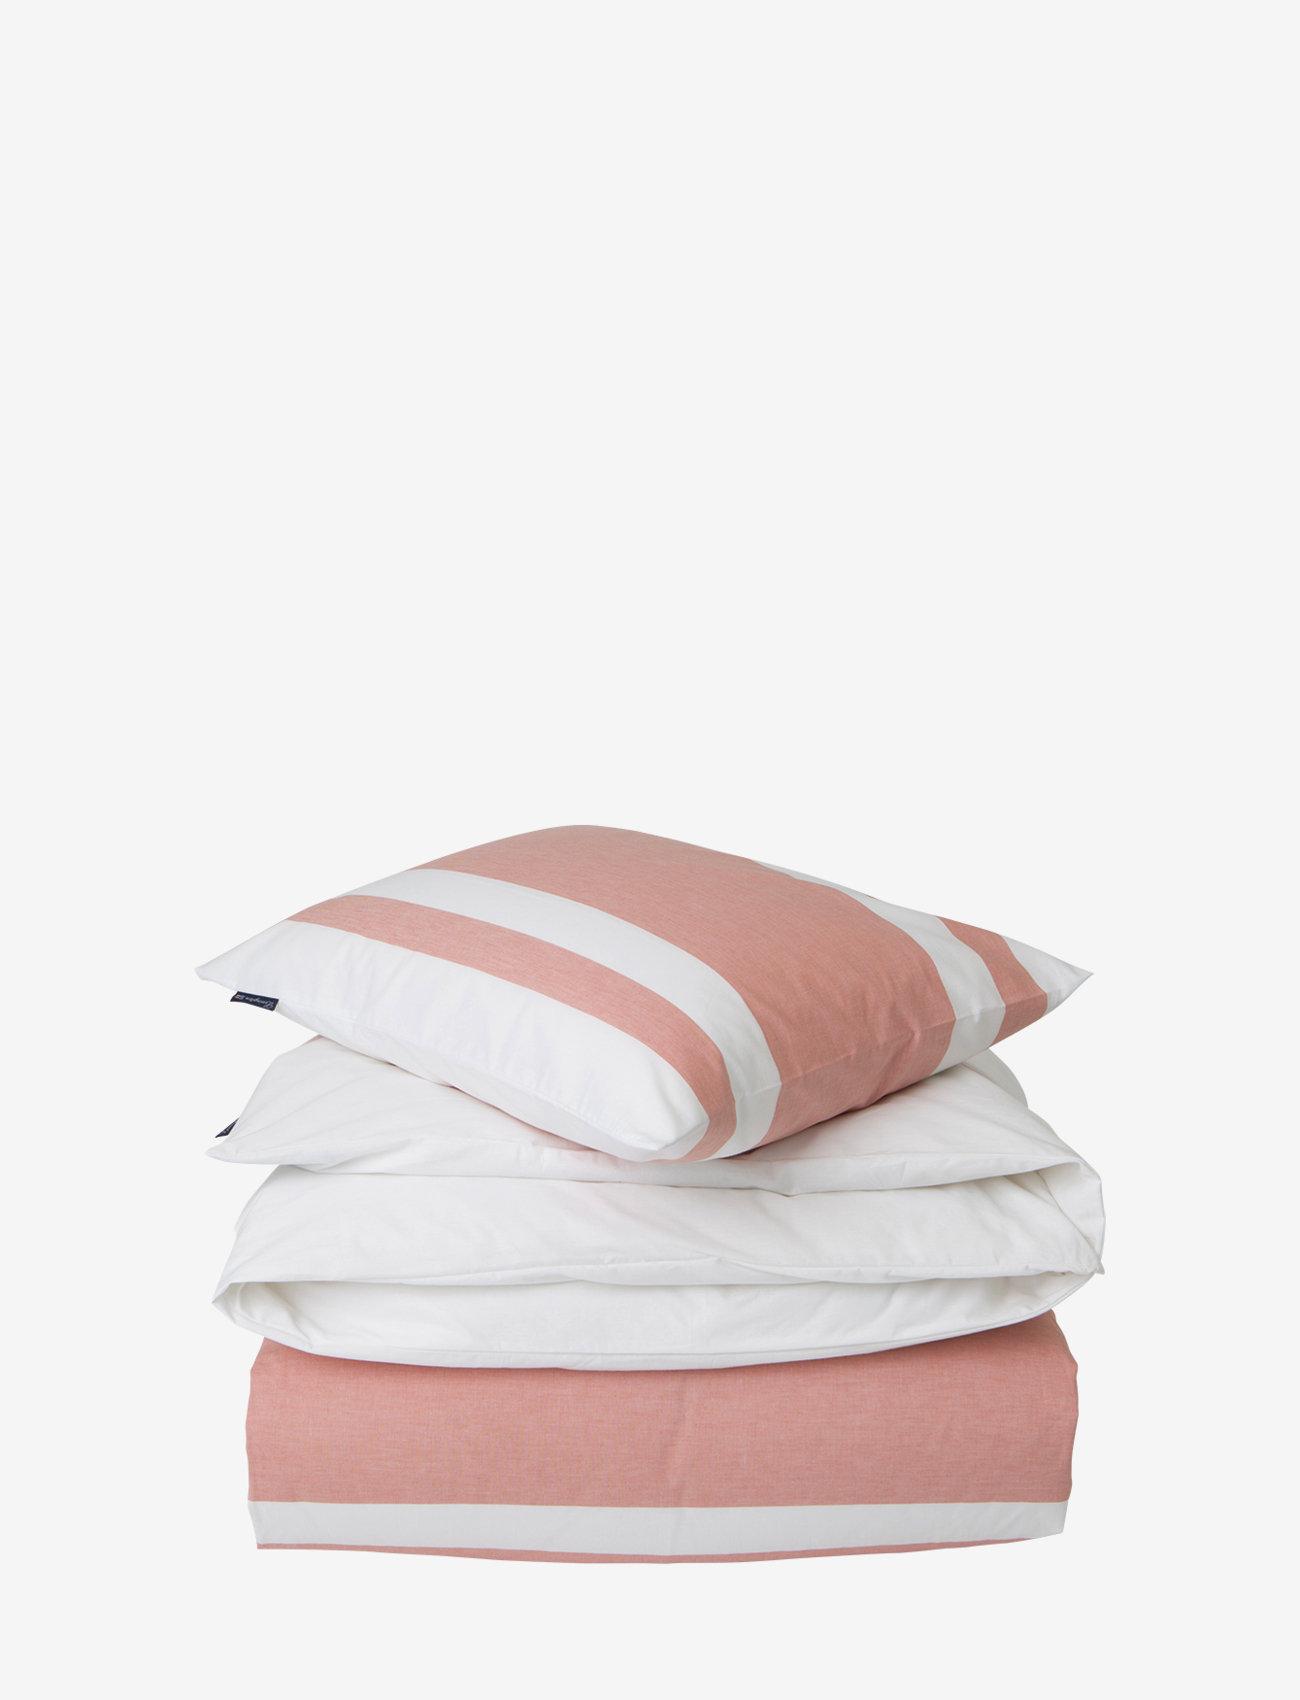 Lexington Home - Apricot Horizontal Striped Poplin Set - bedding sets - white/apricot - 0